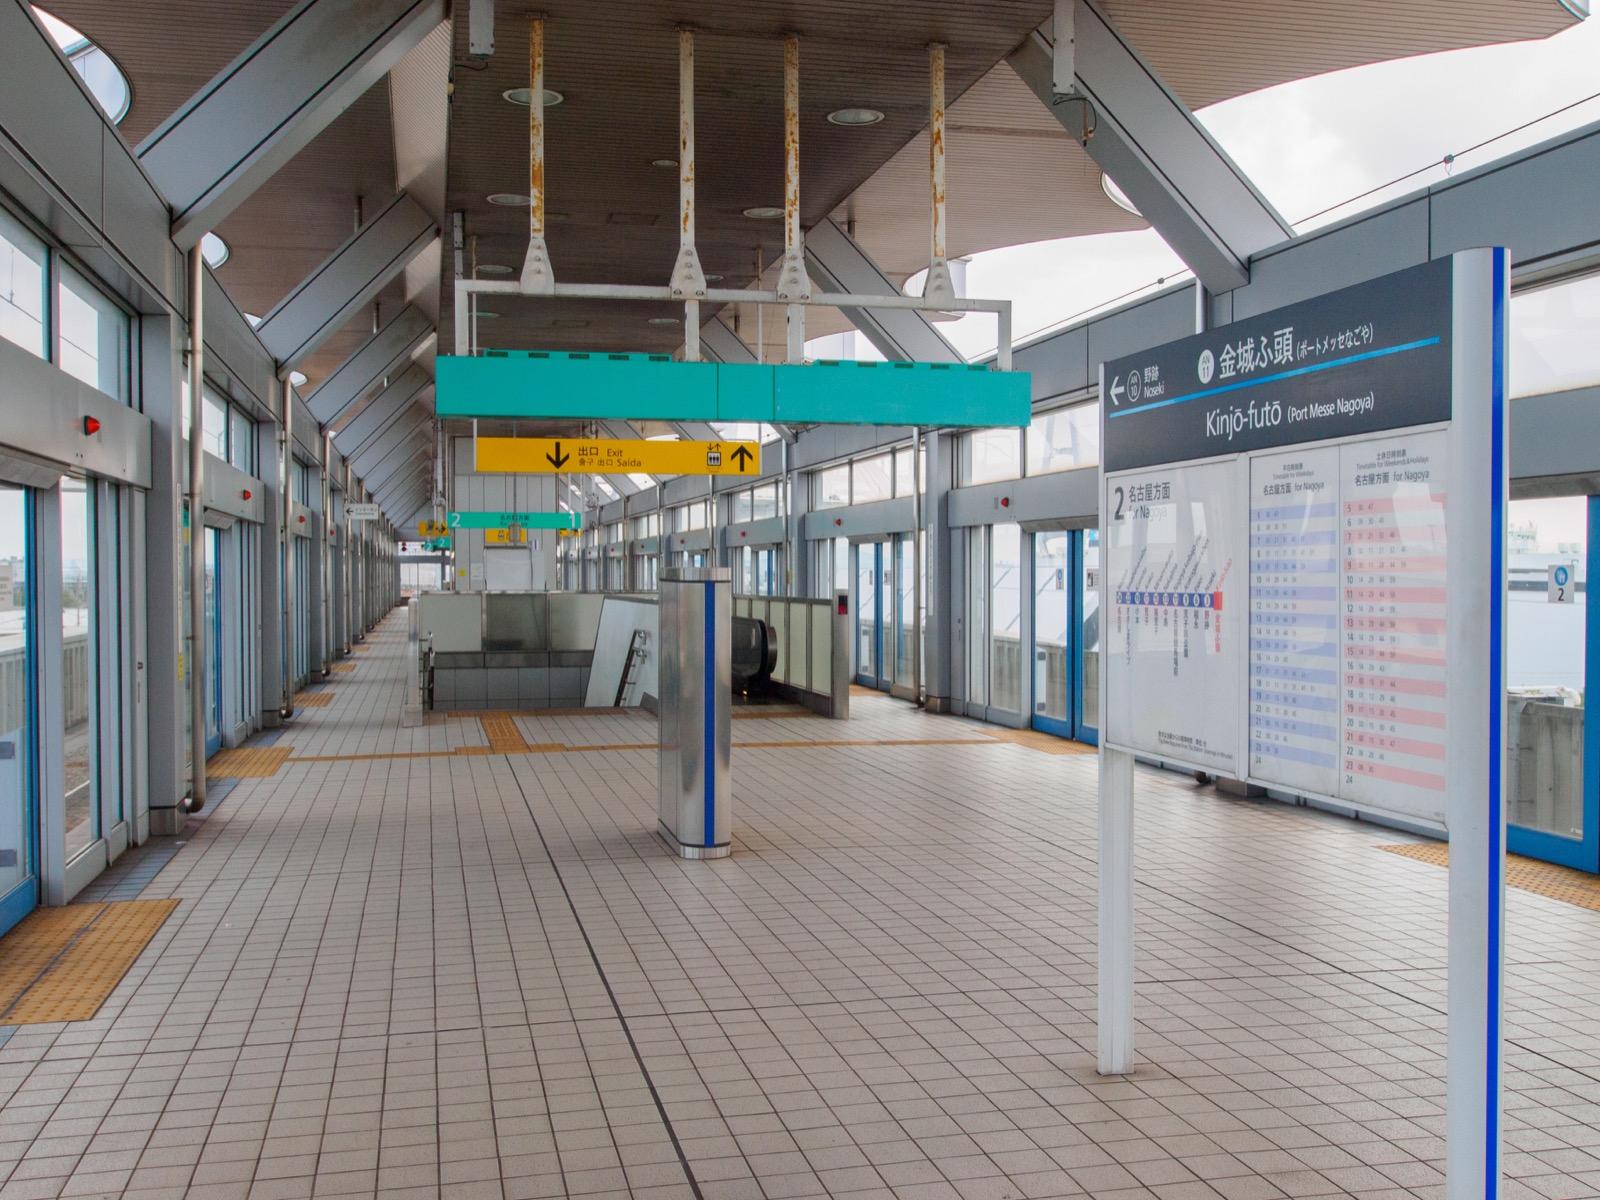 金城ふ頭駅のホーム